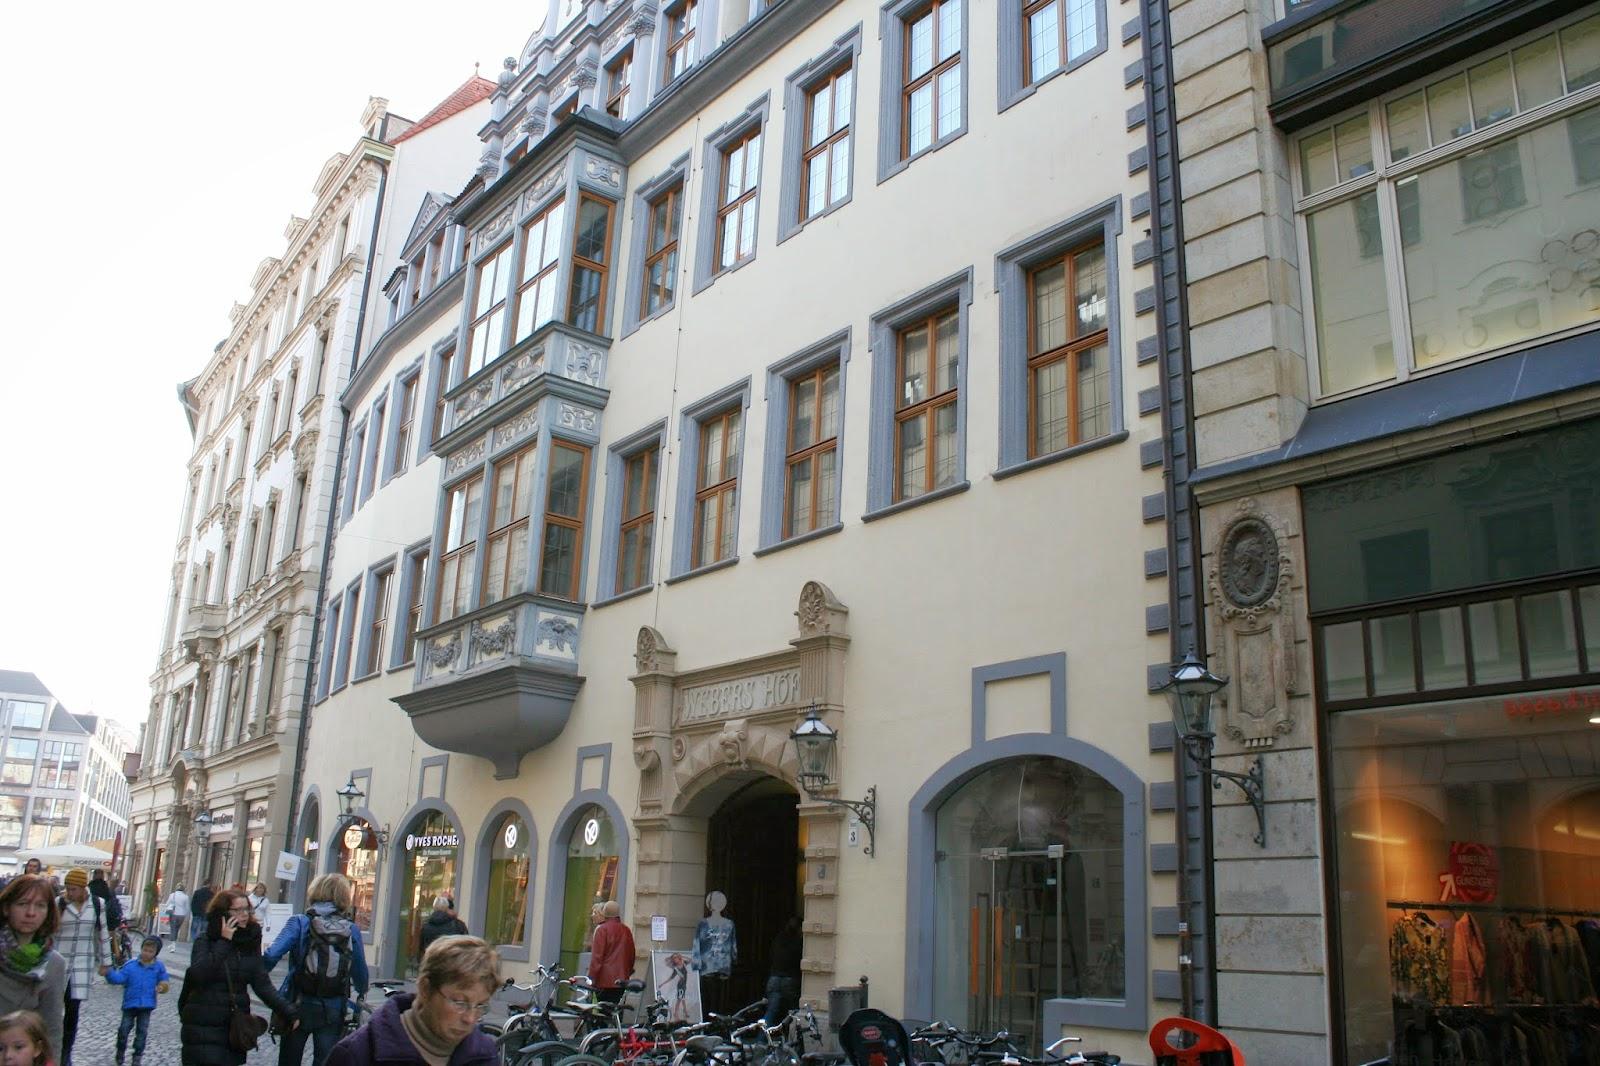 Hainstraße in Richtung Markt mit Barthels Hof